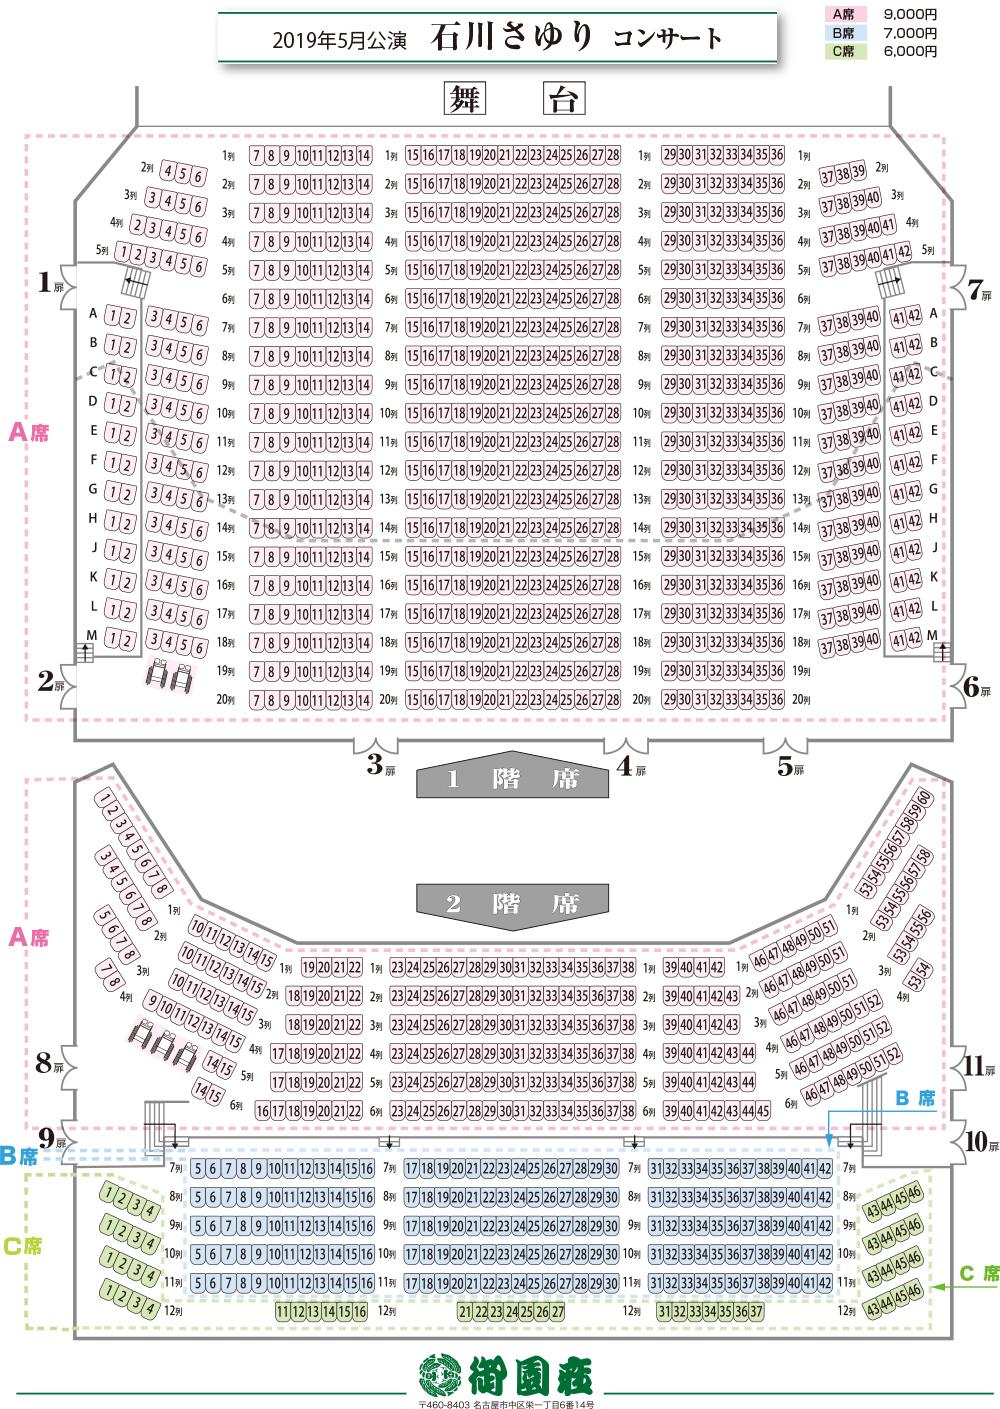 石川さゆりコンサート2019